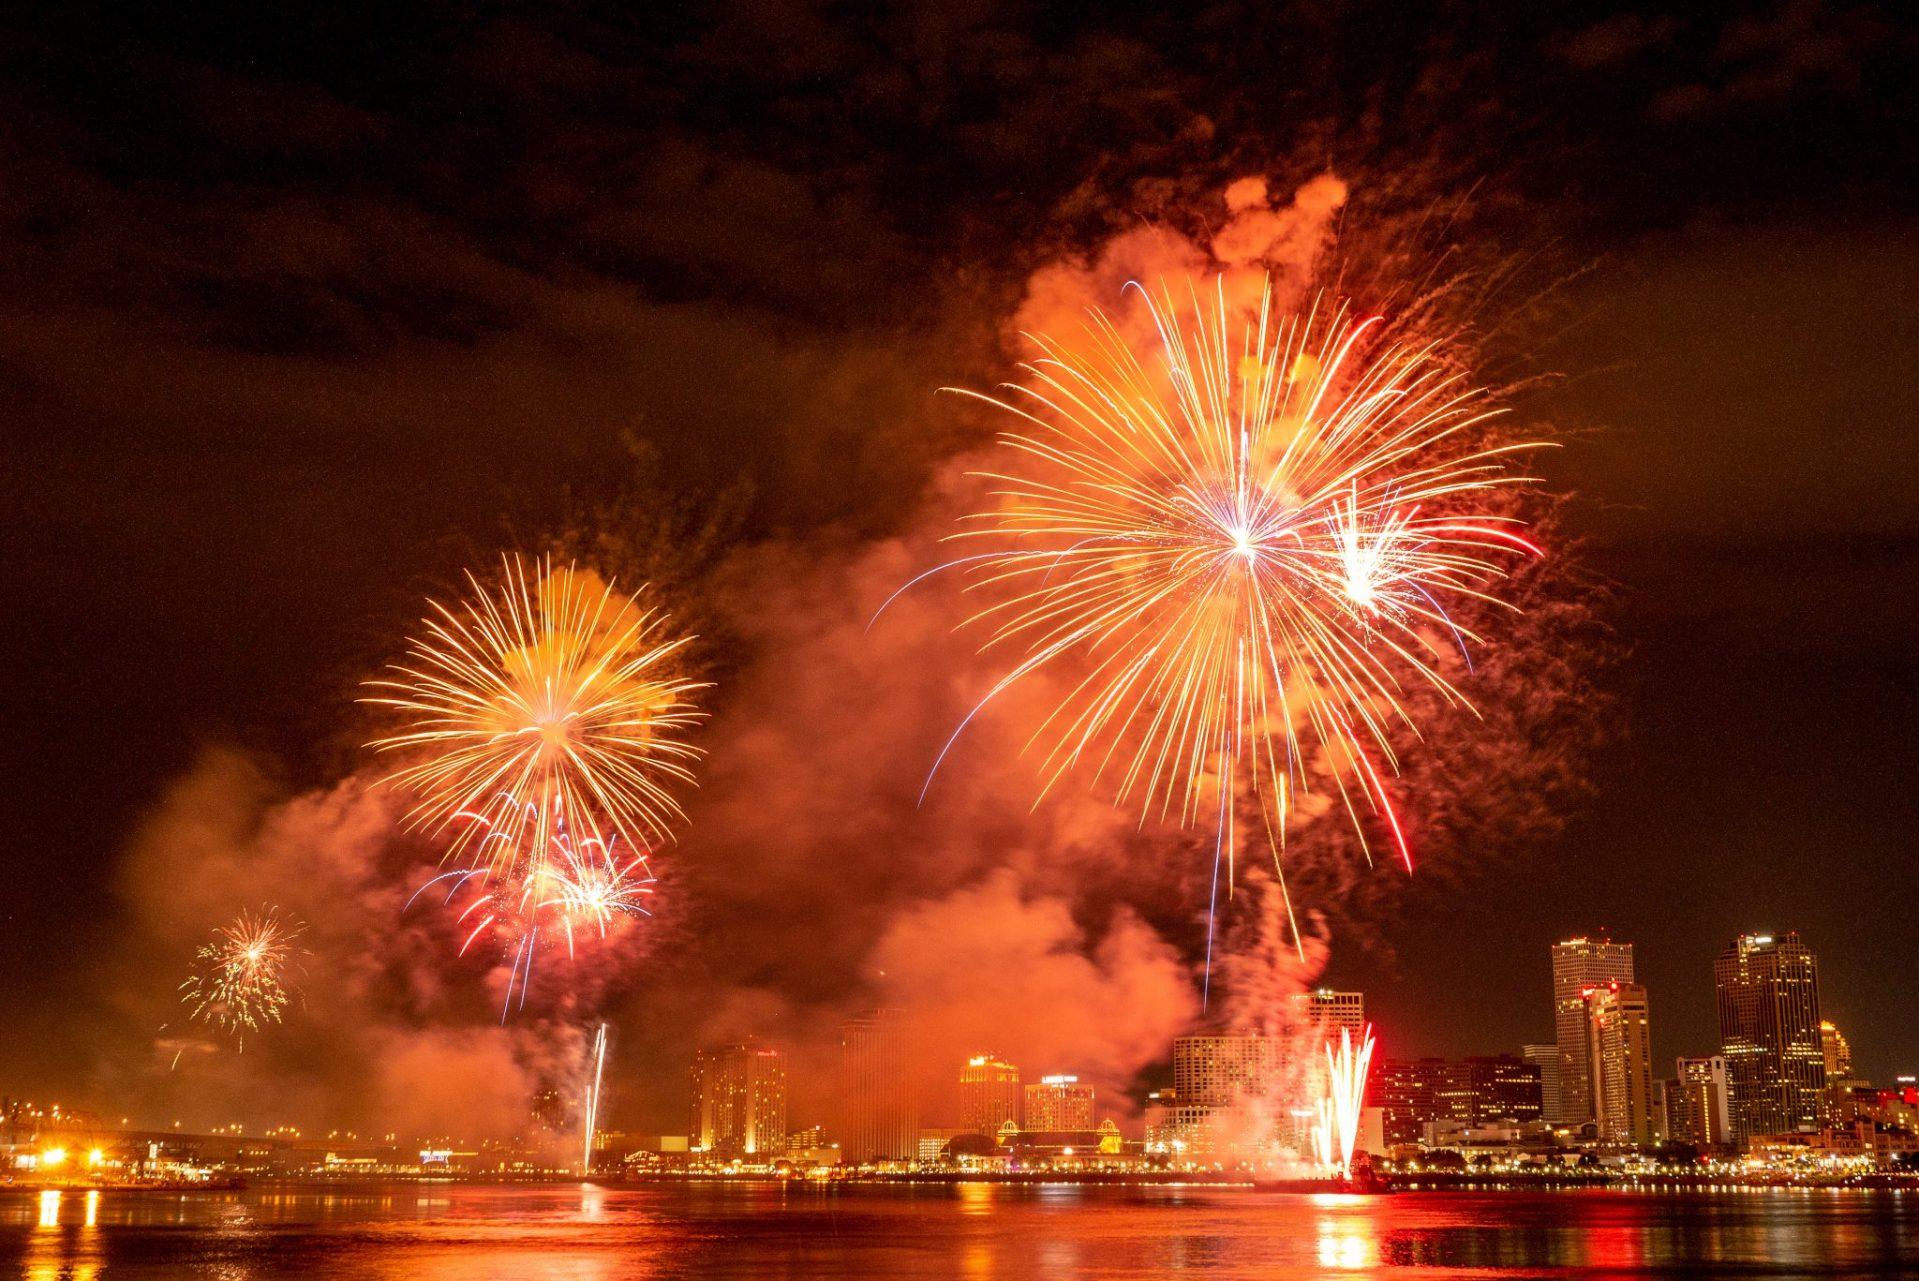 Pokaz fajerwerków z okazji 4 lipca, Nowy Orlean